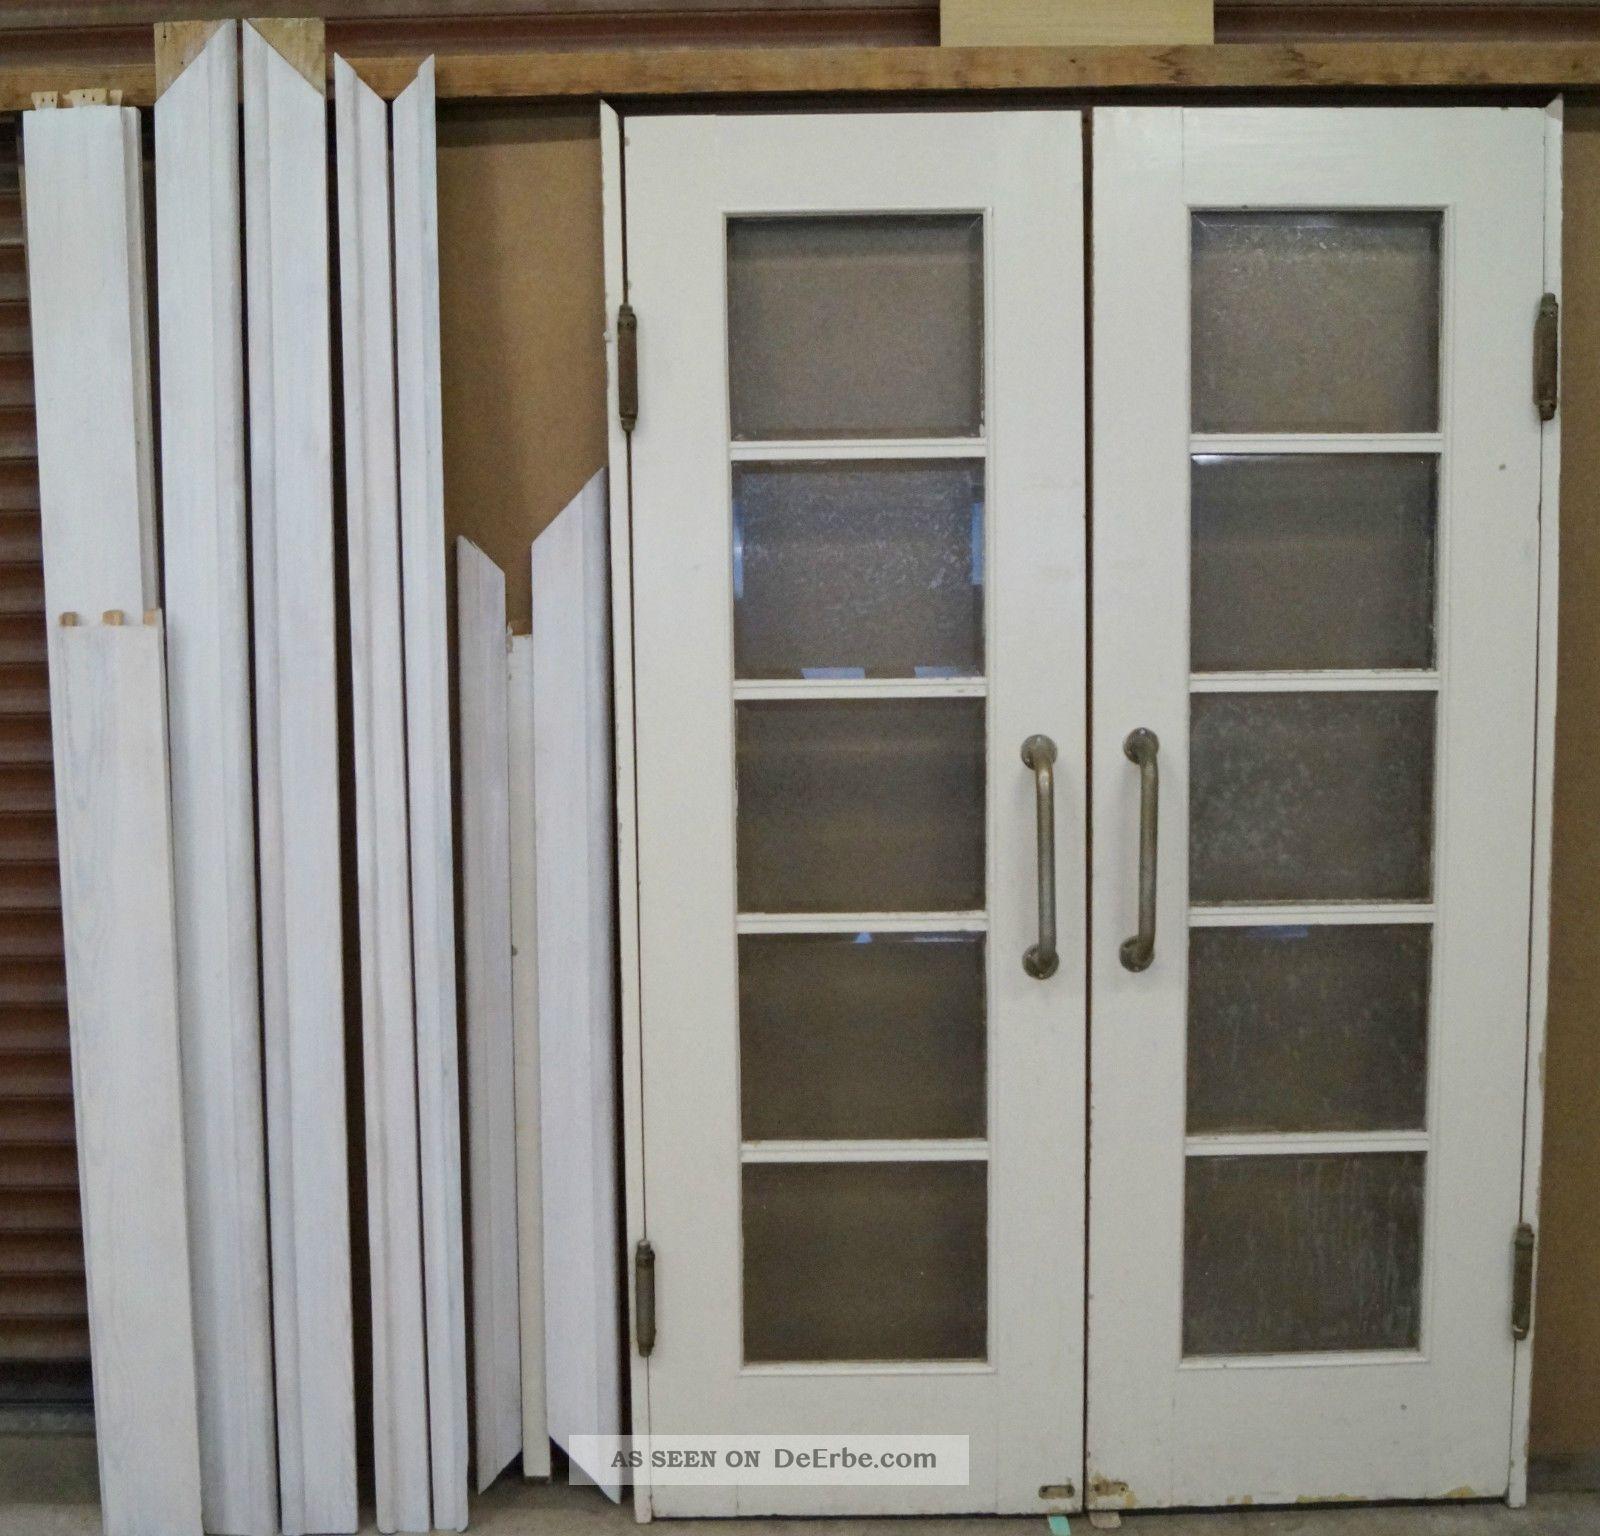 Zweiflügelige innentür  Historische Baustoffe - Bauelemente - Original, vor 1960 gefertigt ...